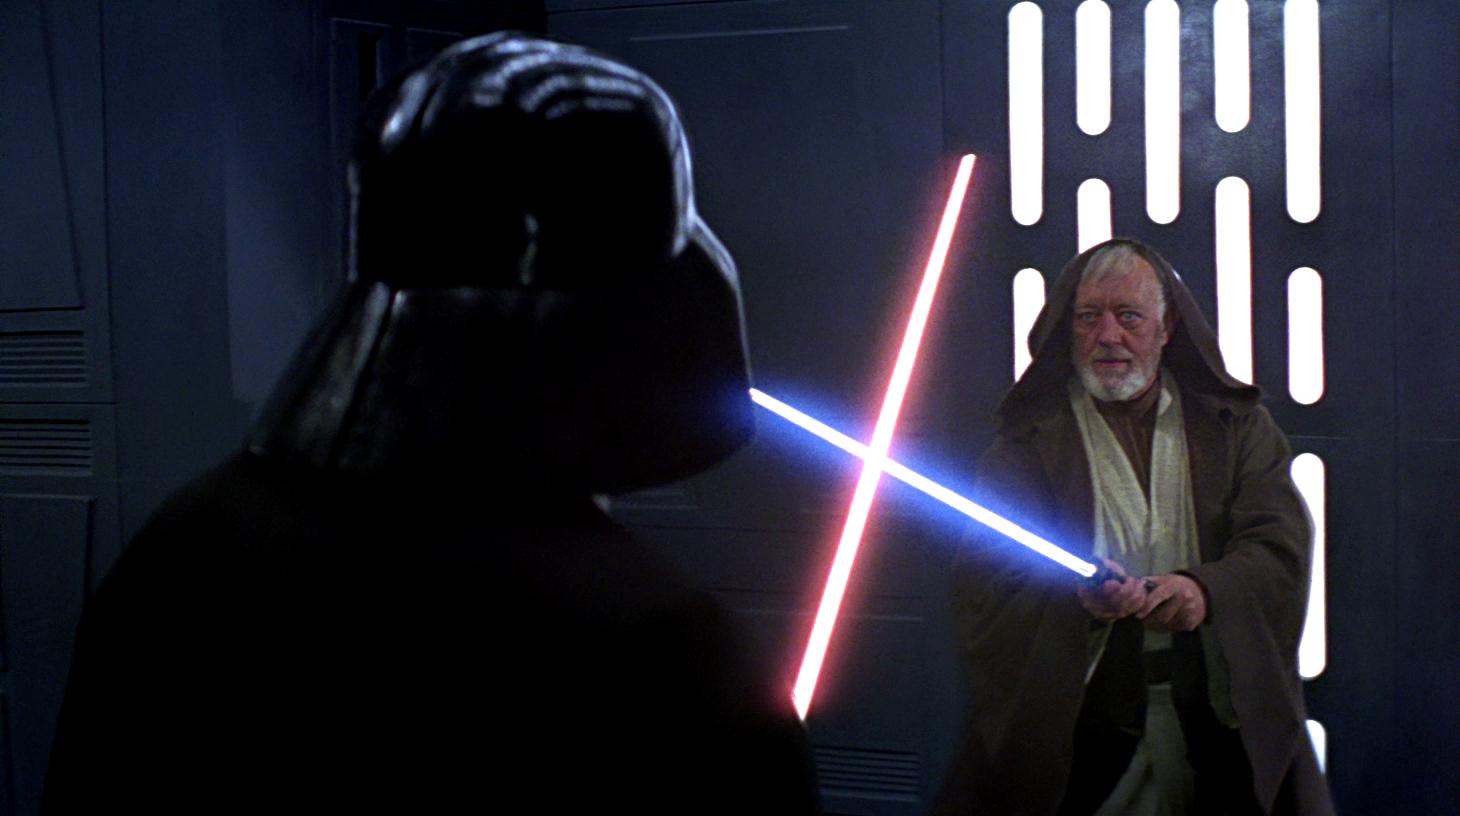 Obi-Wan Kenobi and Darth Vader duel